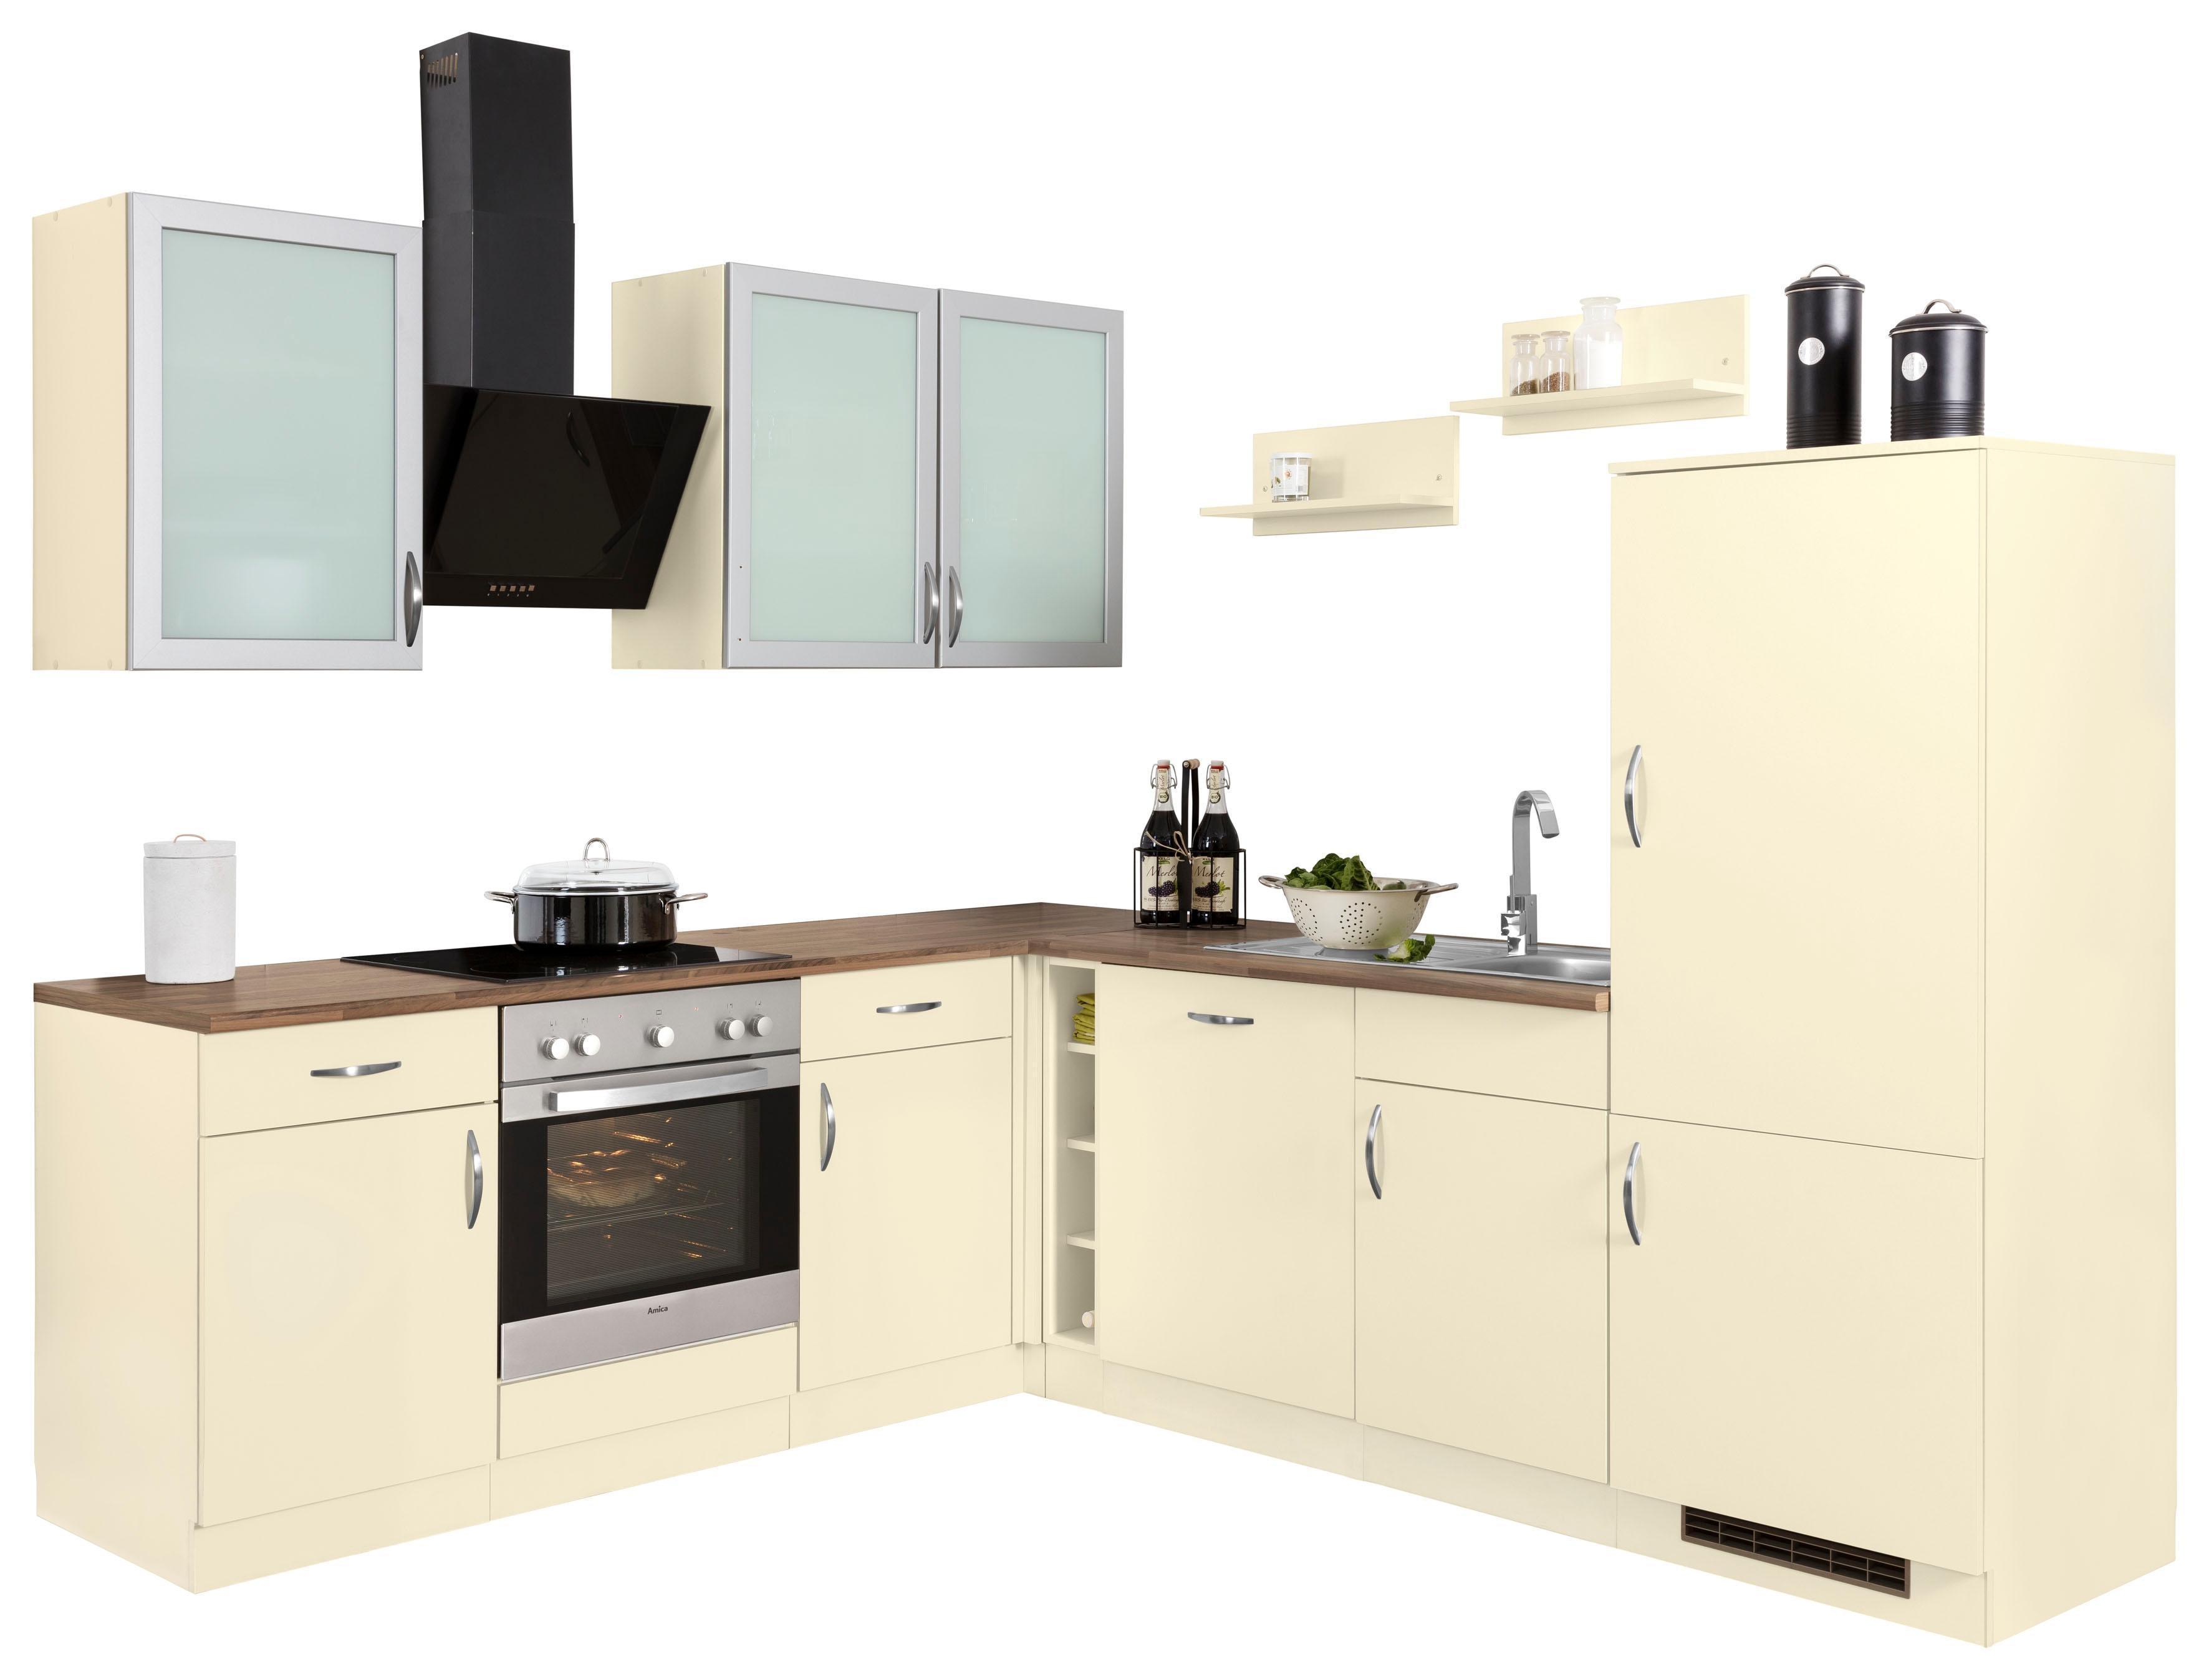 wiho Küchen Winkelküche Peru mit E-Geräten Stellbreite 220 x 245 cm